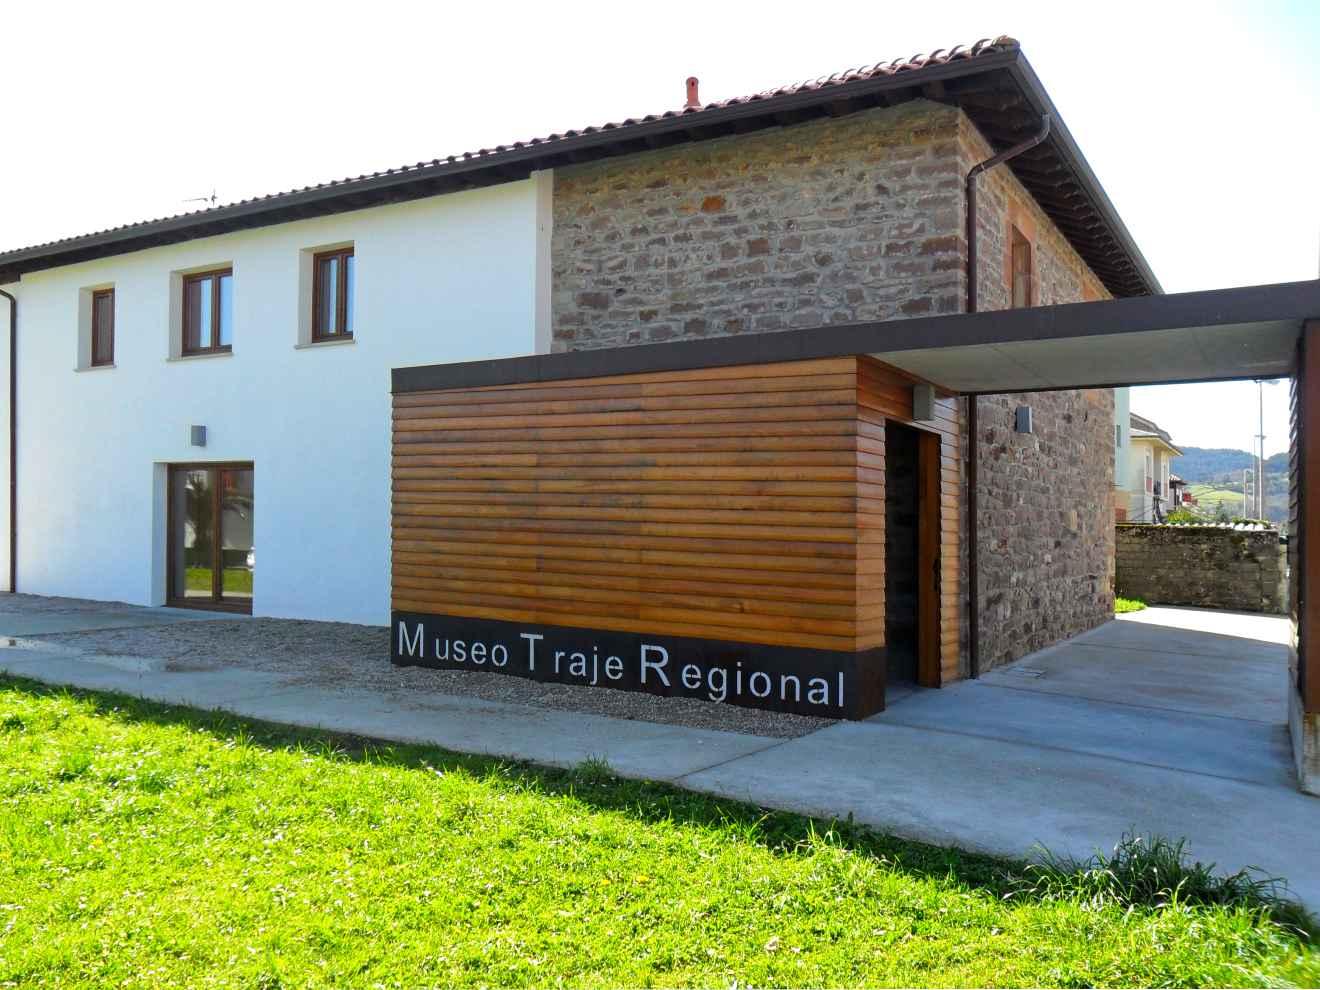 Museos del Arte Textil y Traje Regional